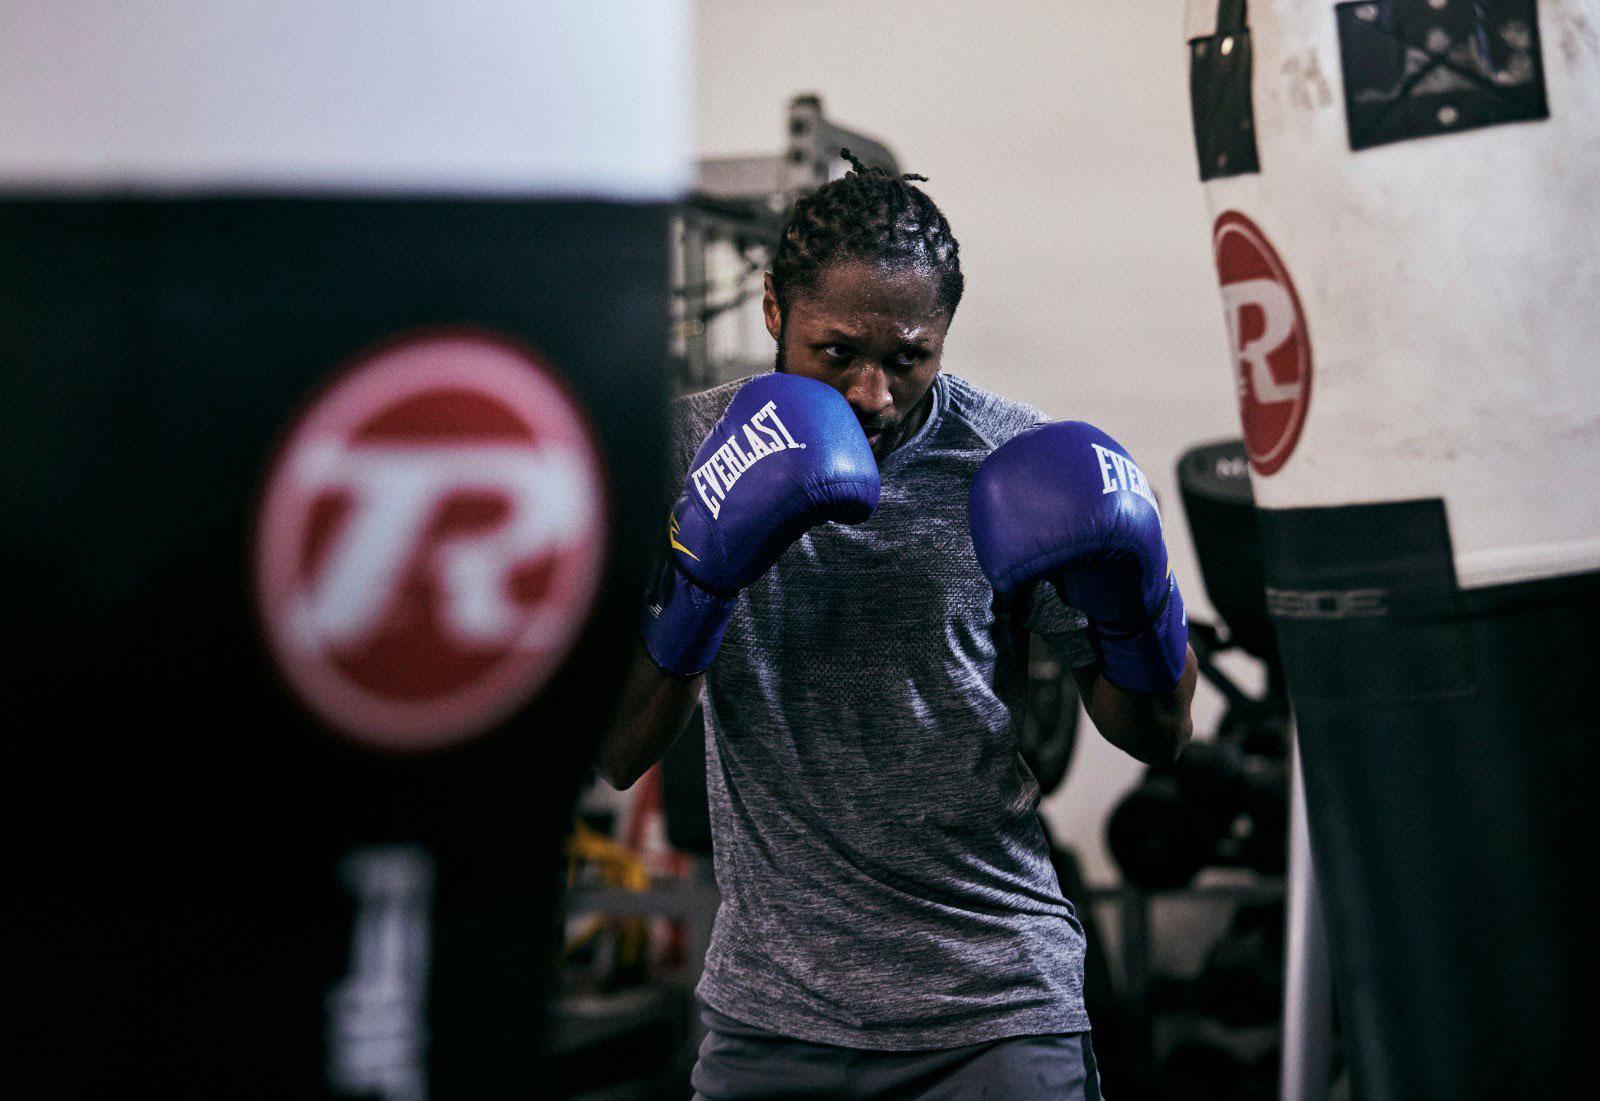 Craig Richards training pre WBA fight 1st May 2021 - a matter of mindsethards training pre World Champion fight 1st May 2021 - WBA Light-Heavyweight